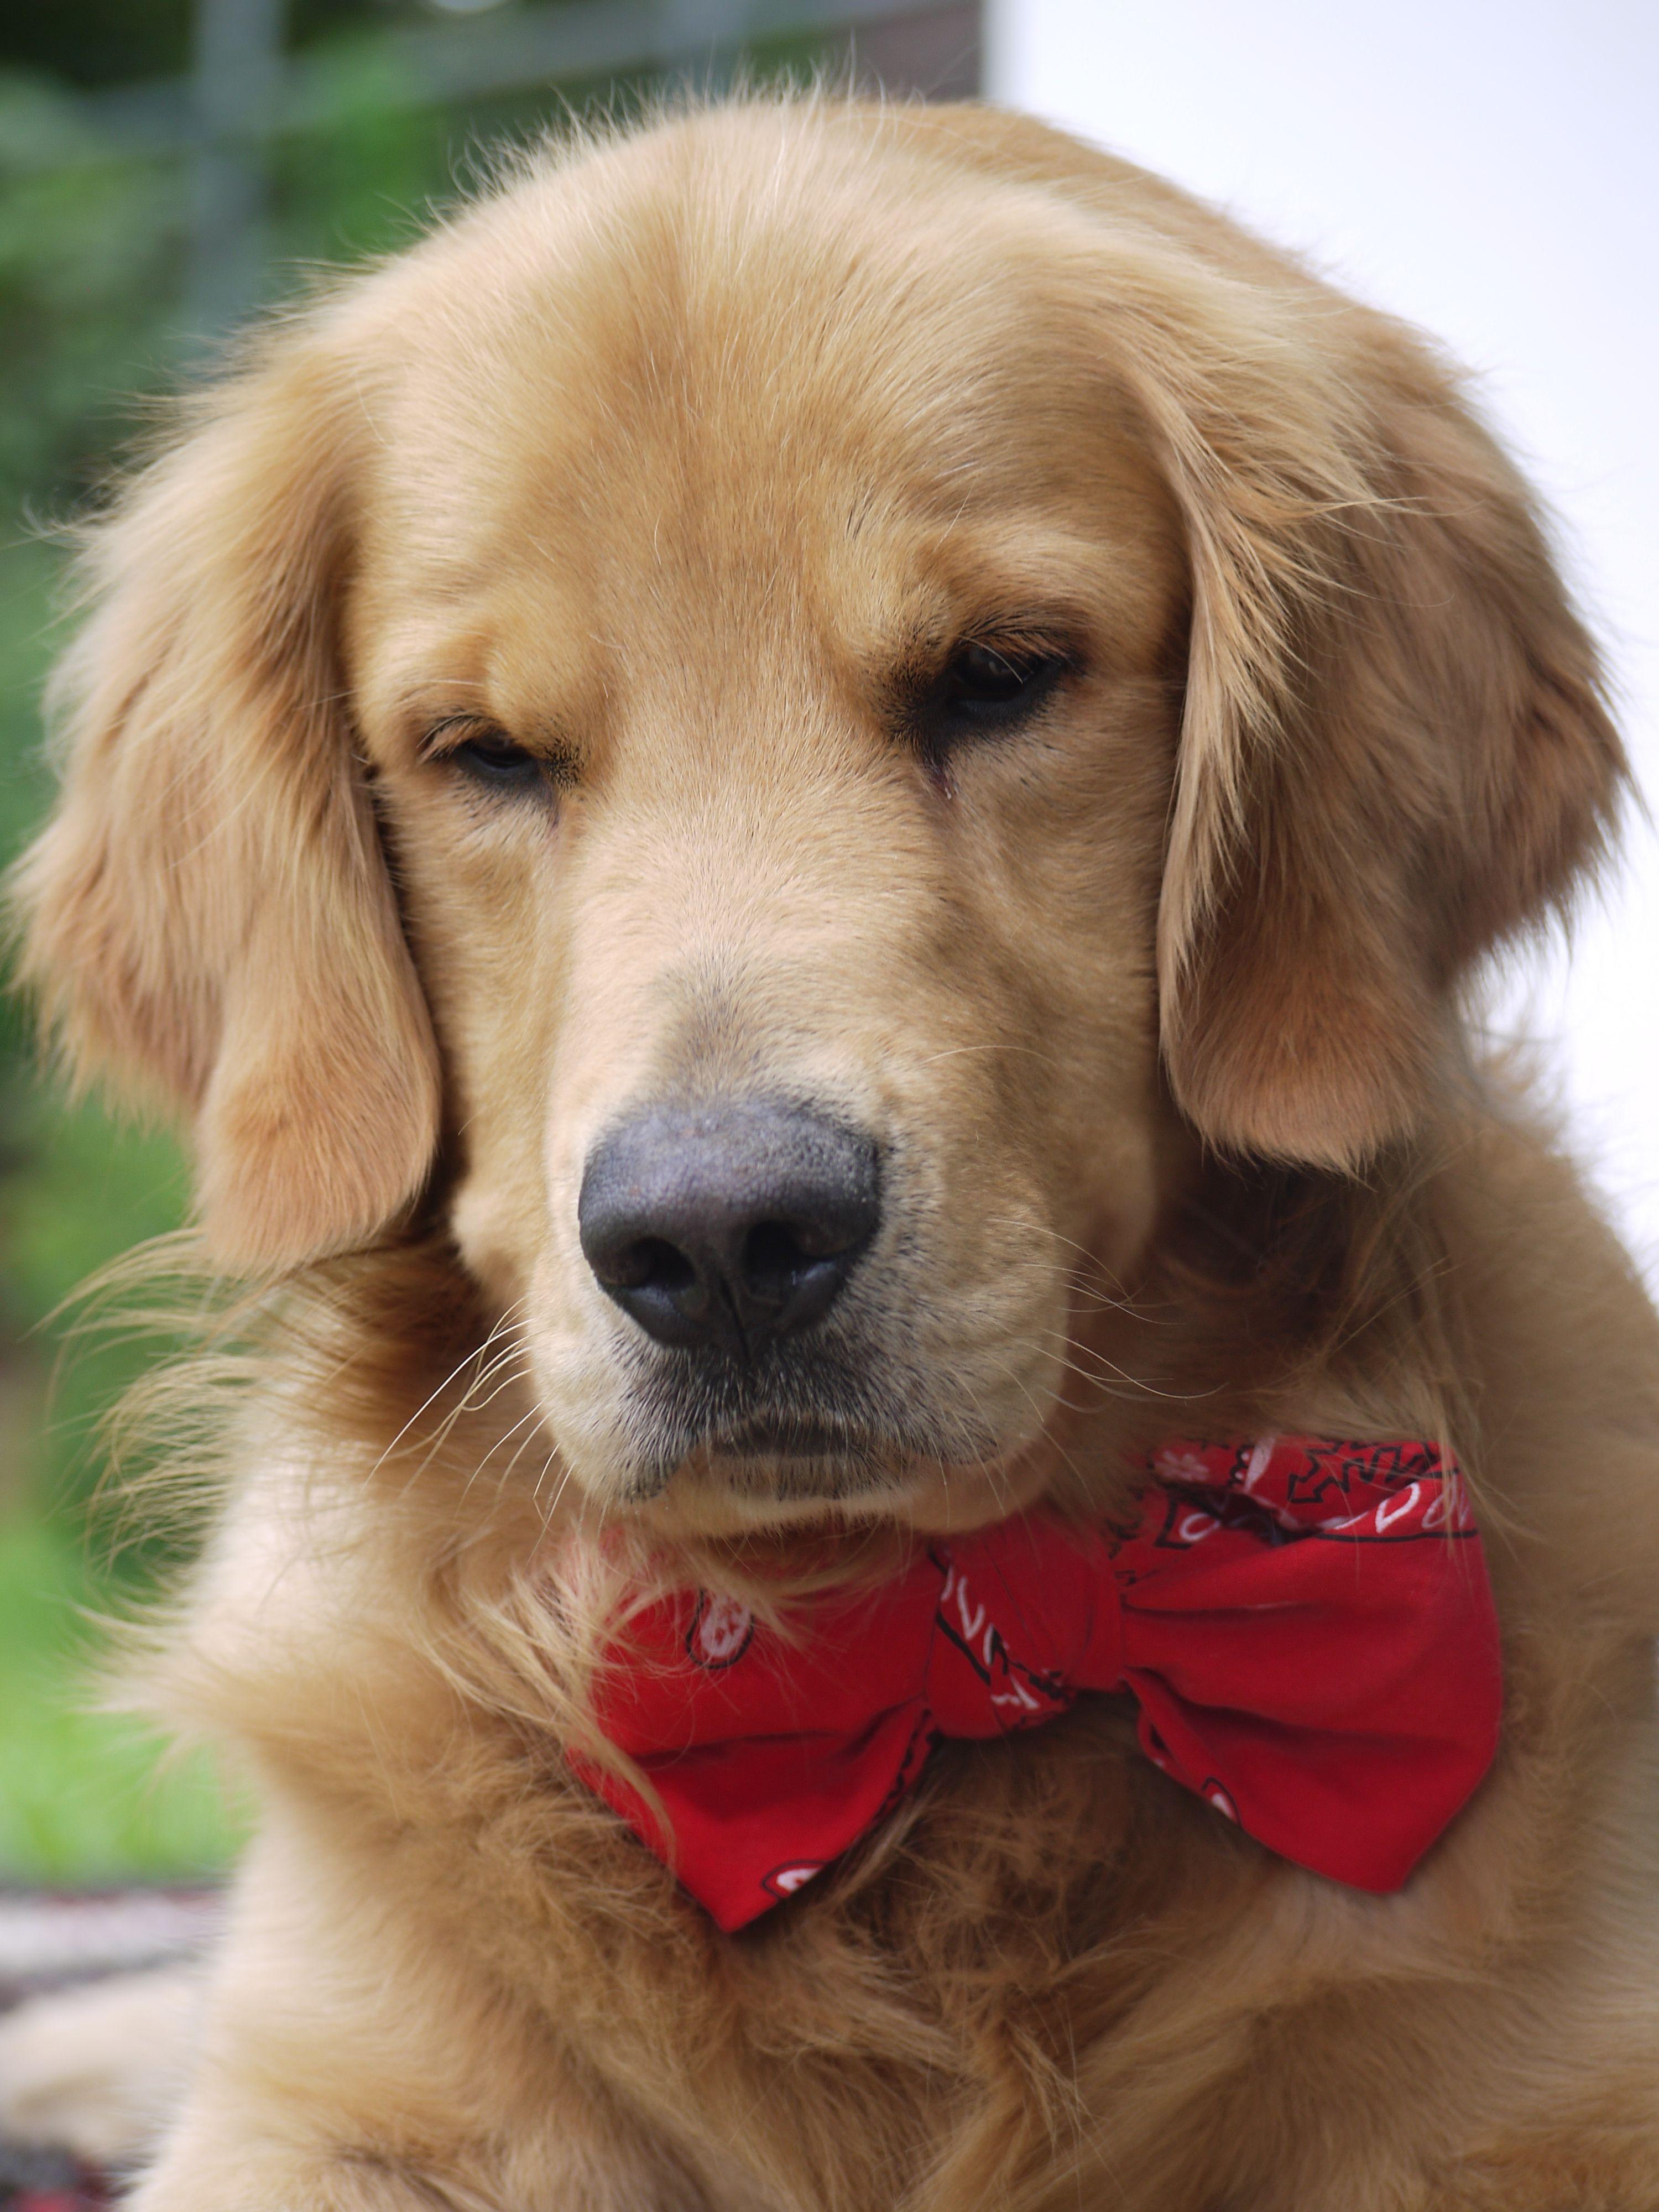 Handsome Golden Retriever With Bow Tie Retriever Dogs